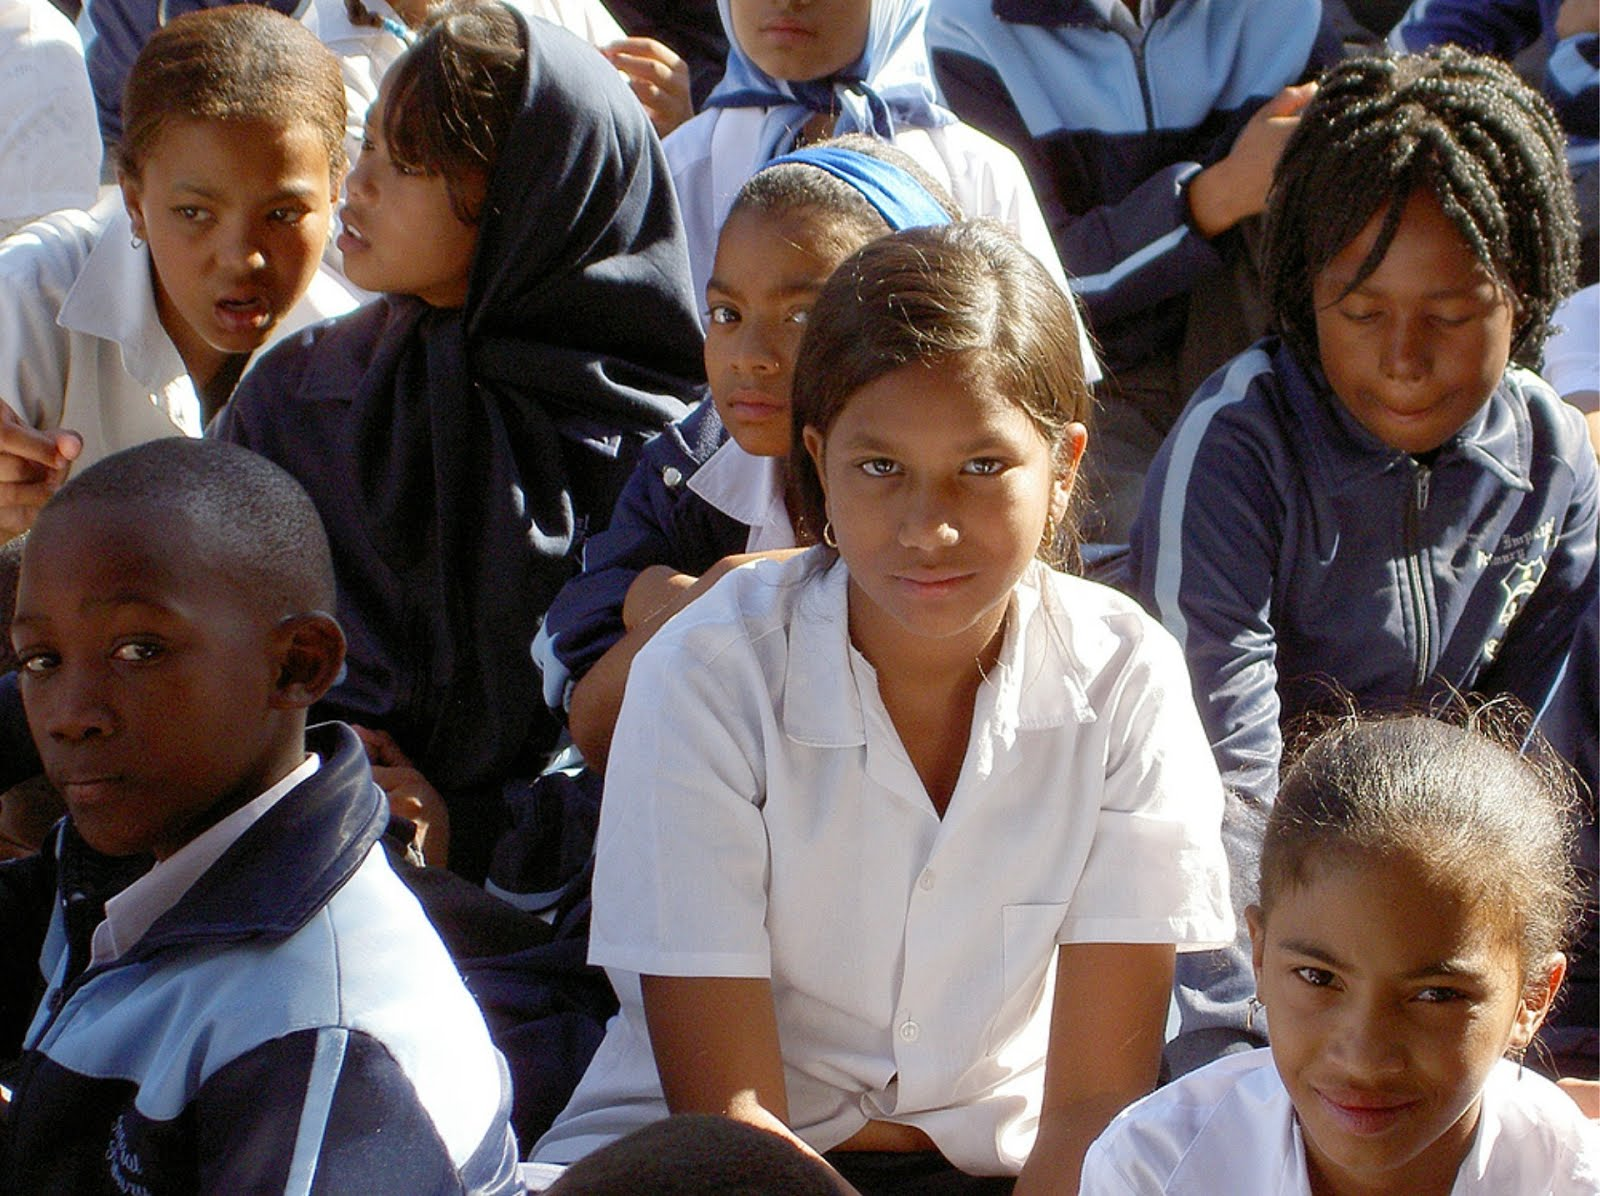 Nous vous invitons à visiter notre école et à voir son environnement serein.